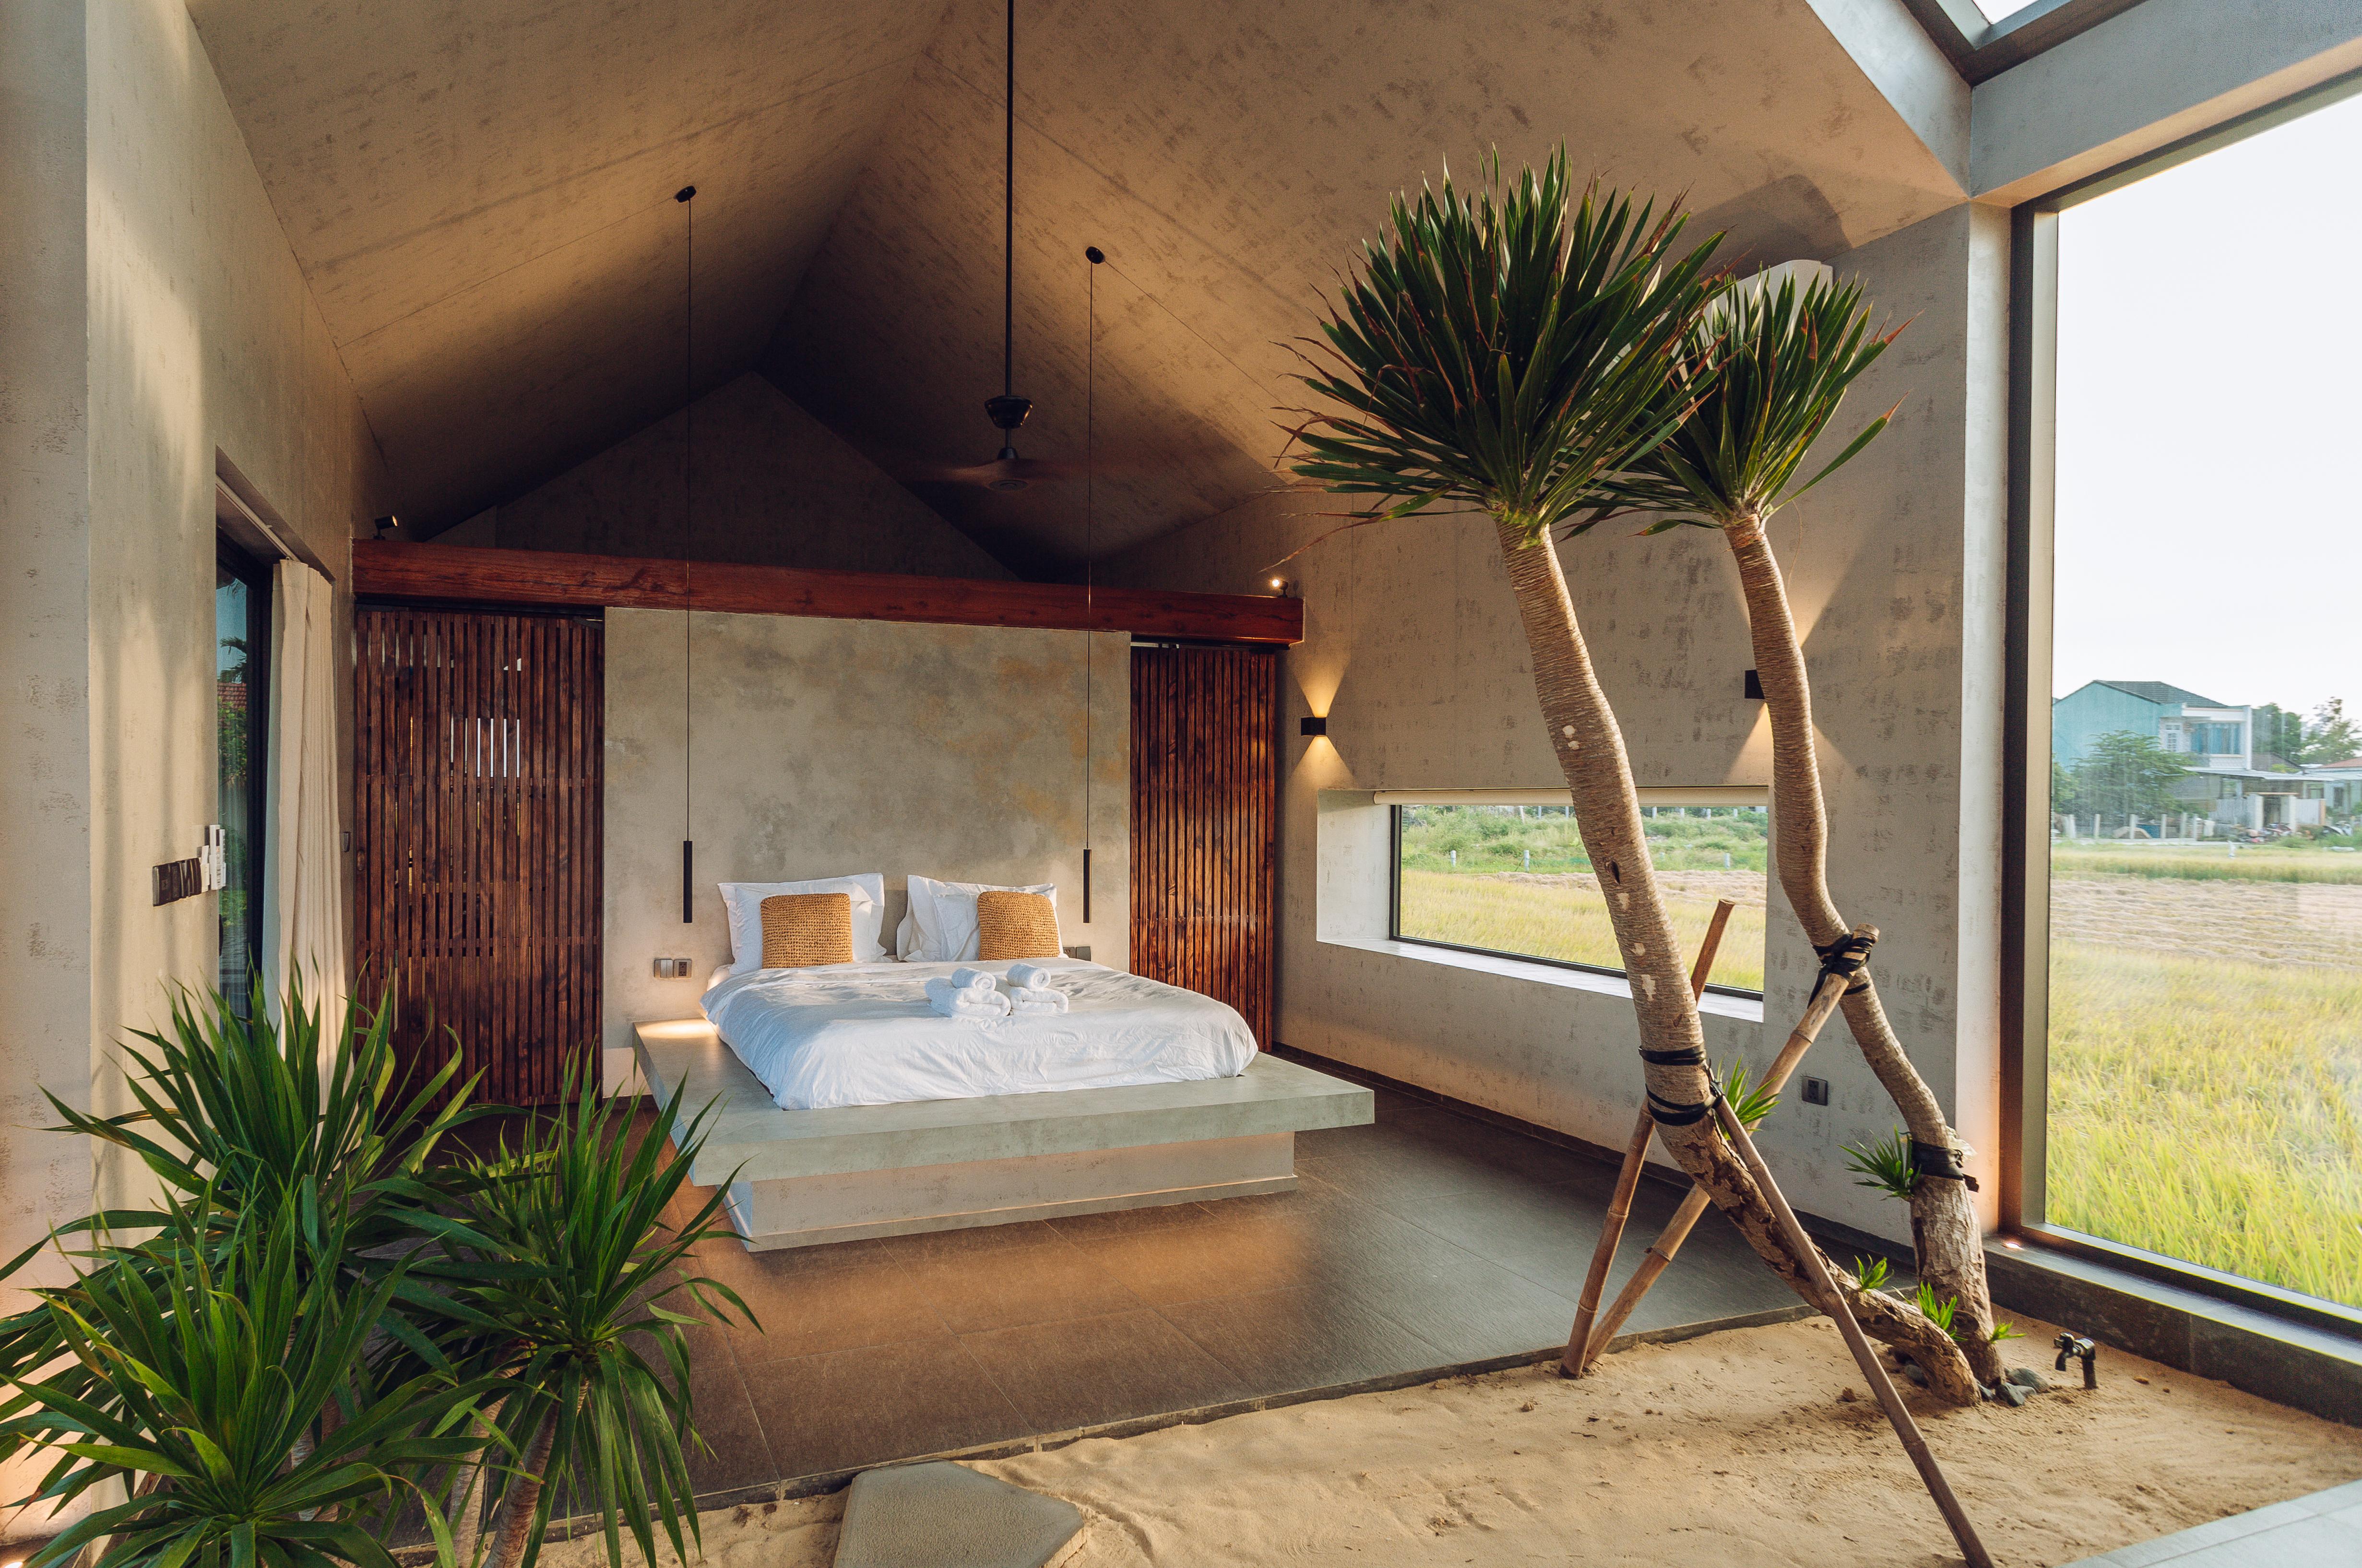 ORYZA bedroom shot